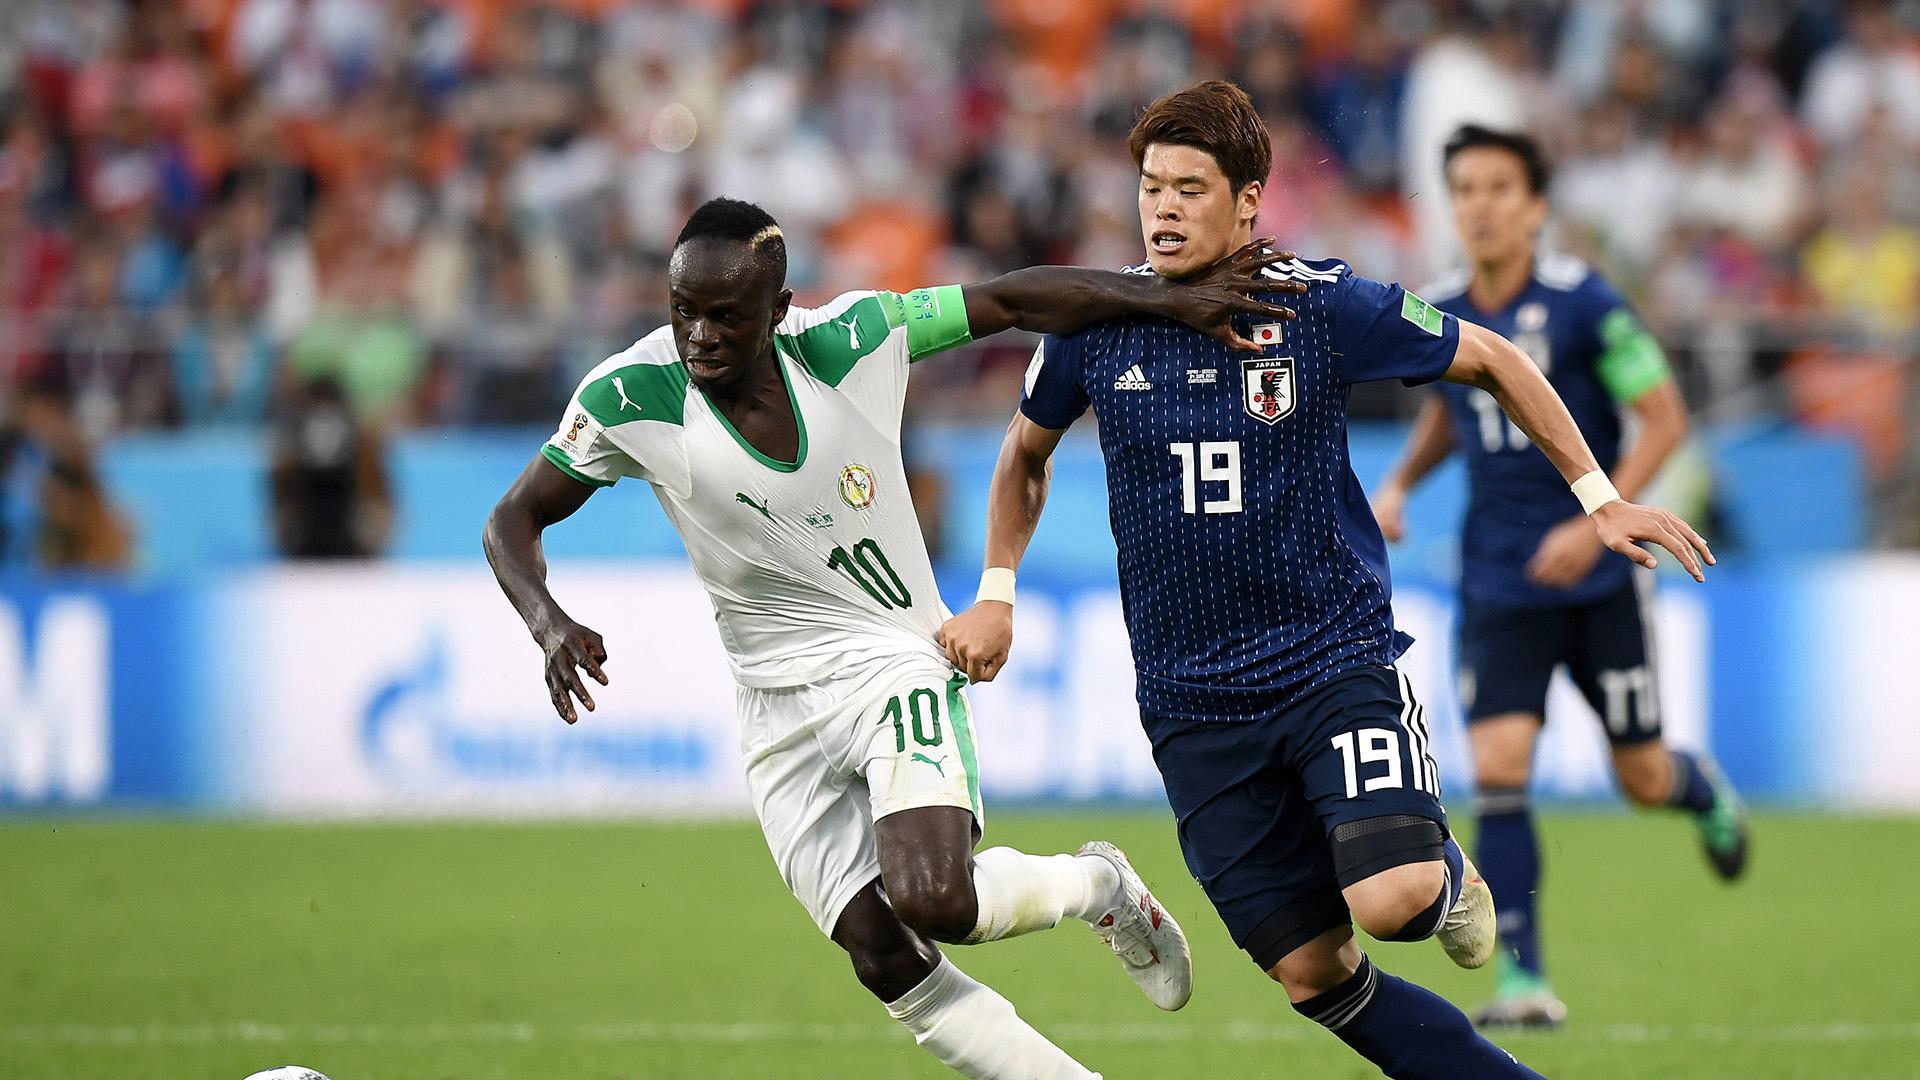 sadio-mane-hiroki-sakai-japan-senegal-world-cup-2018-240618_p15qzan5nxc3zzsavfen0mfa.jpg